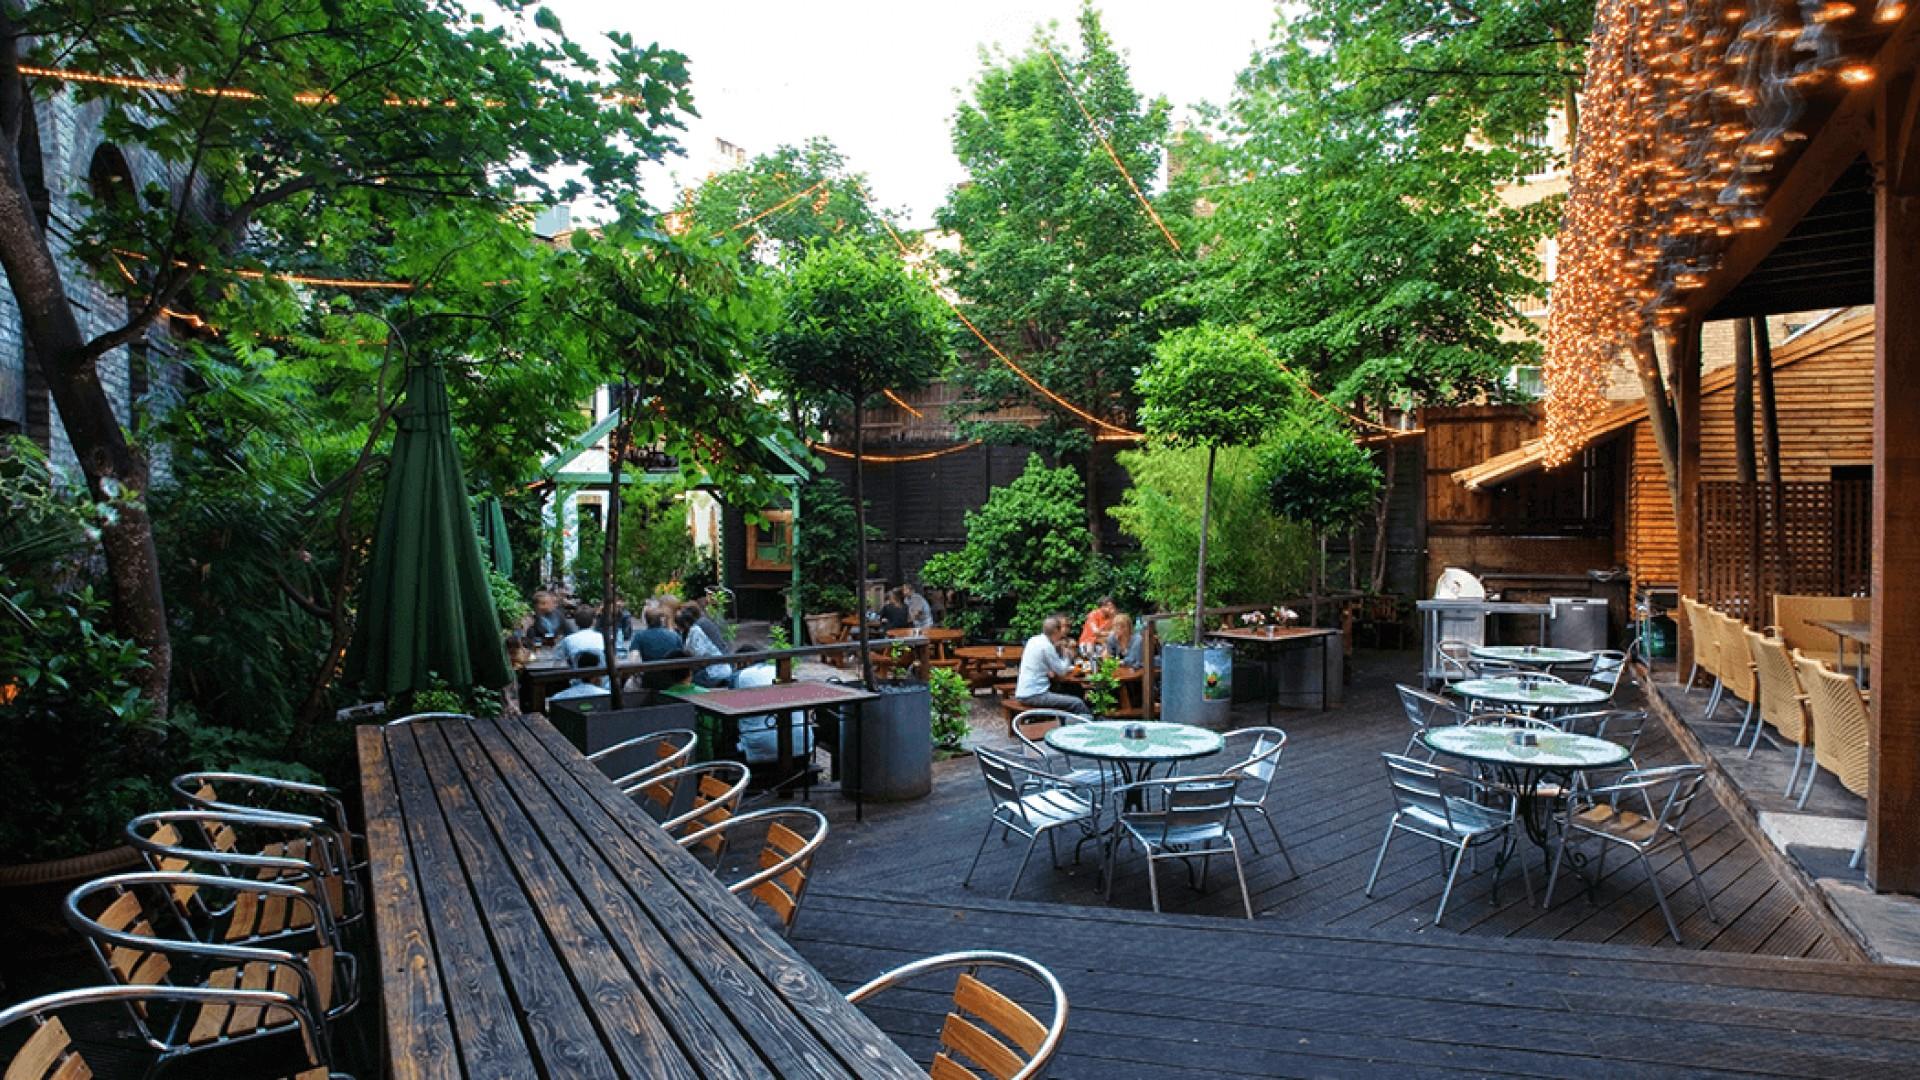 Garden Bar & Grill